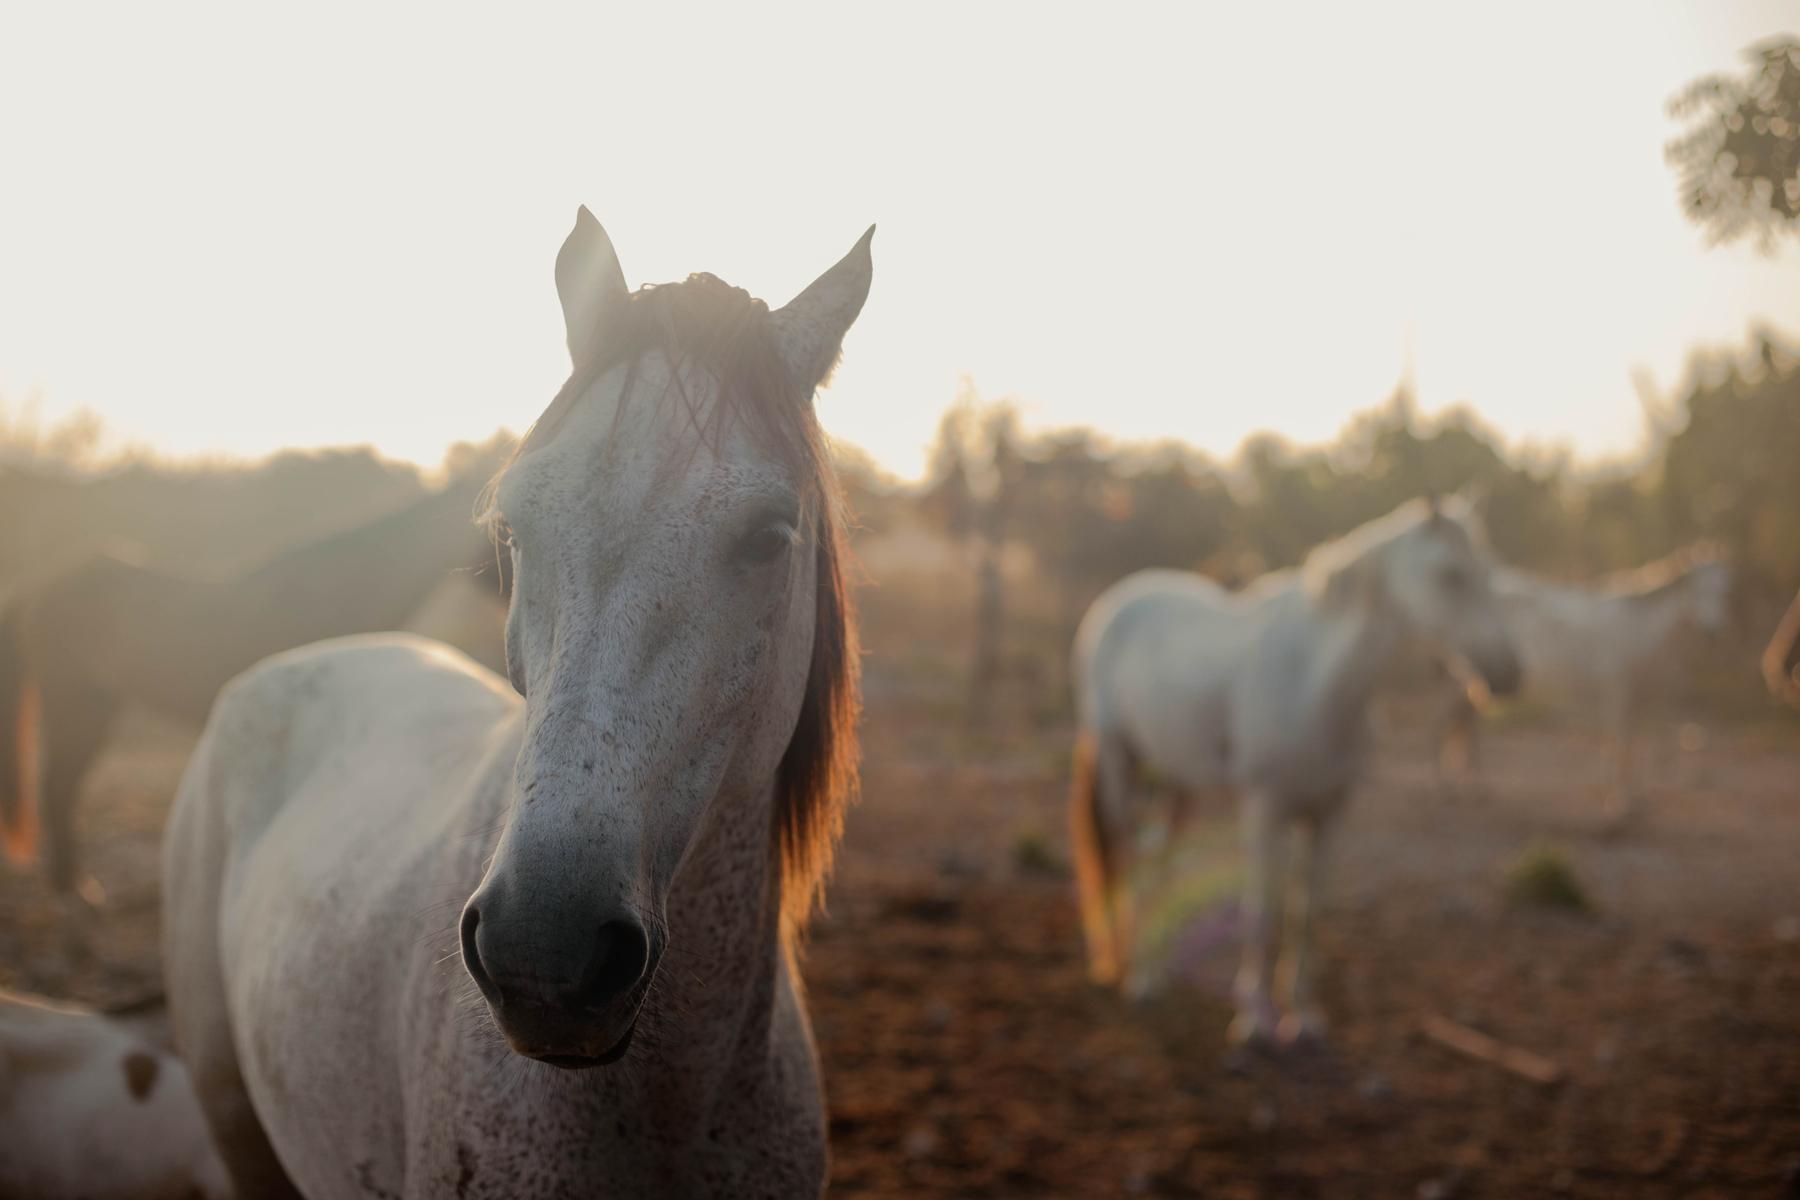 Лучшие идеи стейкейшена в России: отдых на Алтае и катание на лошадях в Чепош Парке